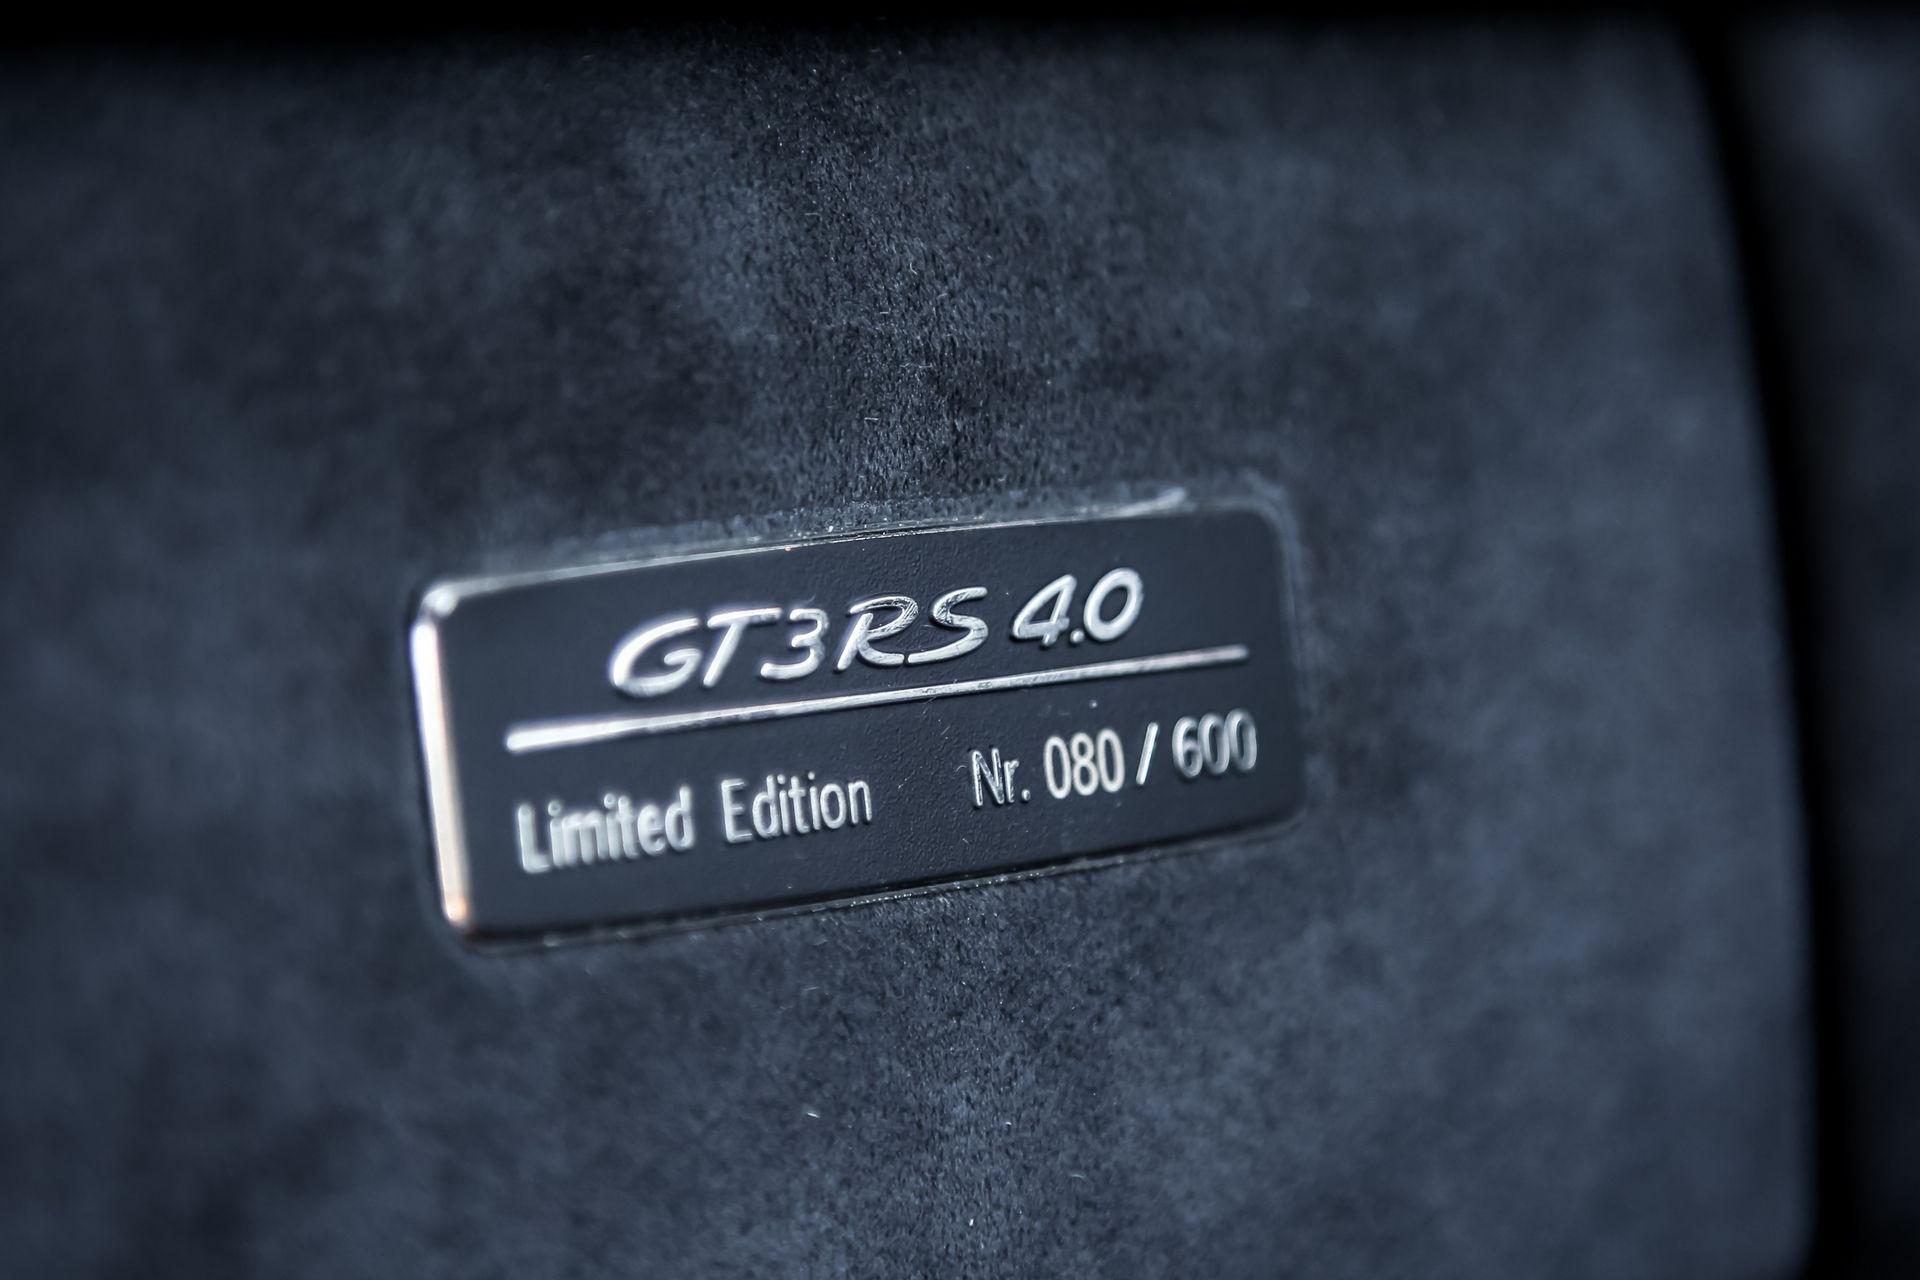 Ngam nhin Porsche 911 GT3 RS 4.0 2011 phien ban gioi han dac biet anh 13